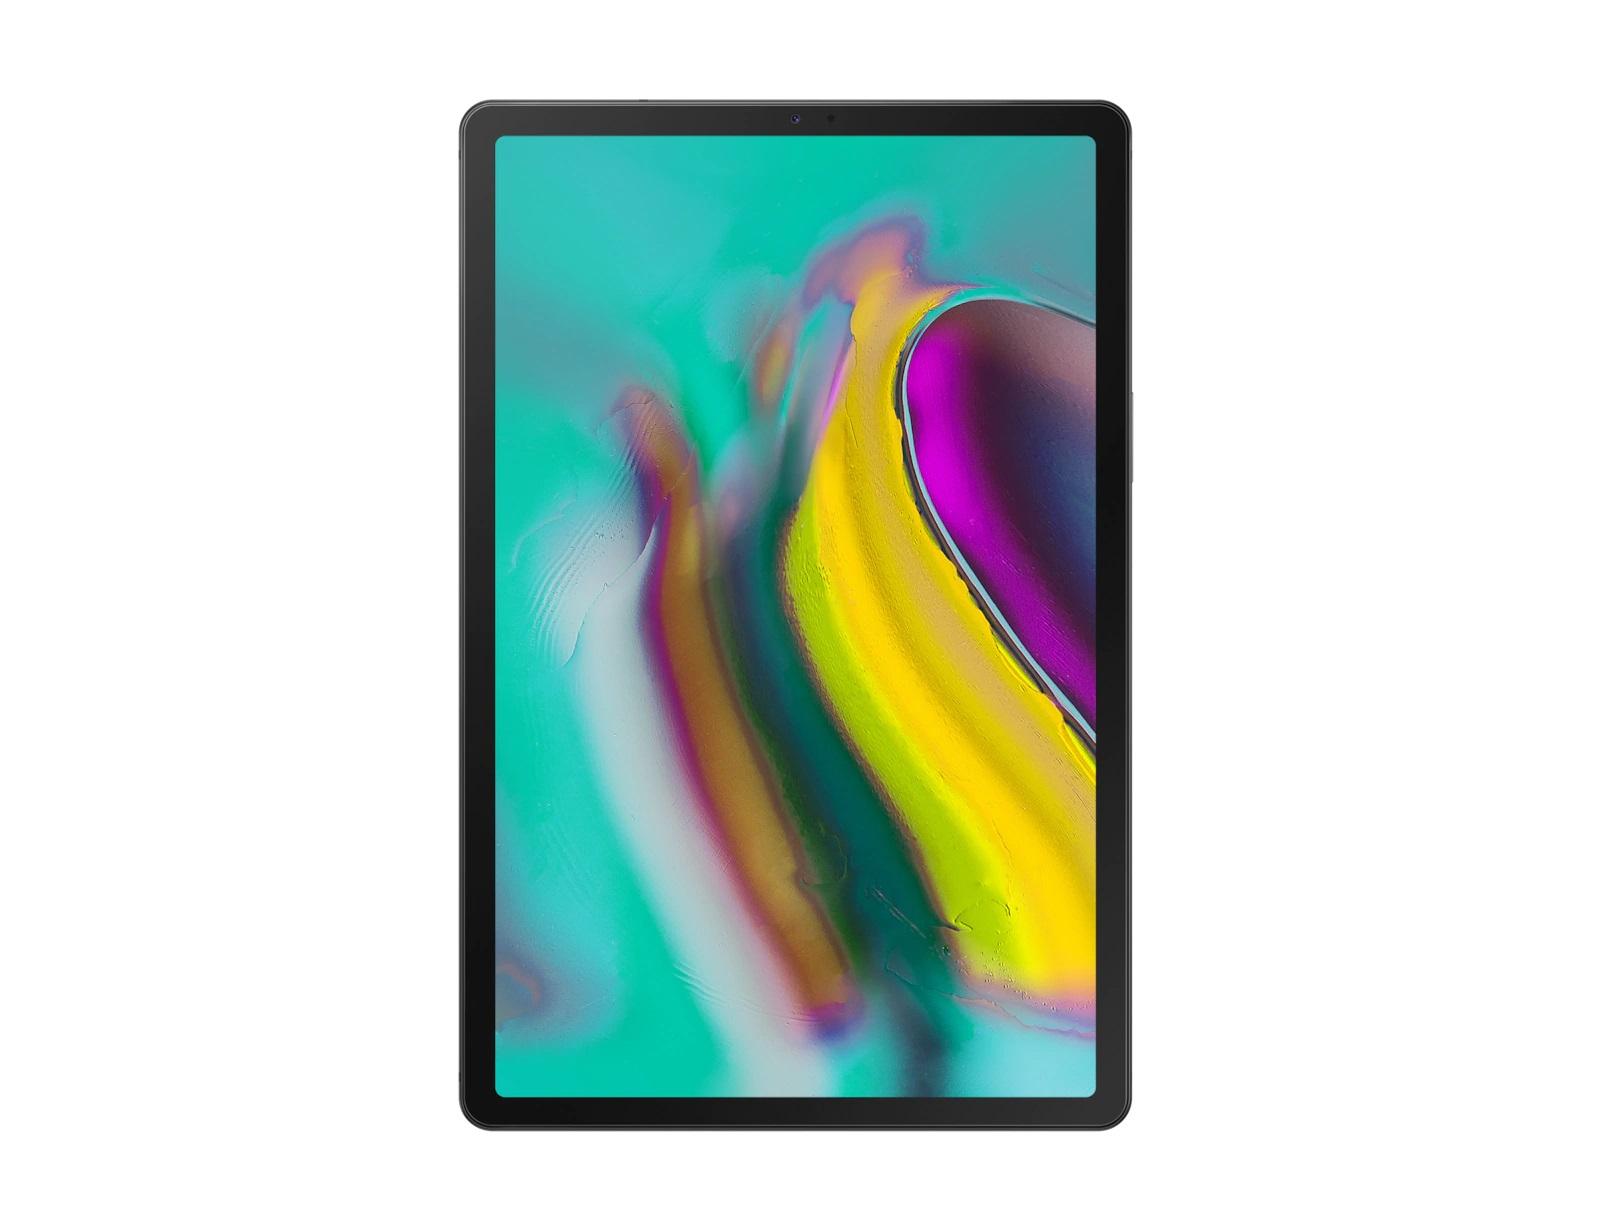 Samsung Galaxy Tab S5e 10.5 LTE SM-T725NZKAXEZ 64GB LTE,Black